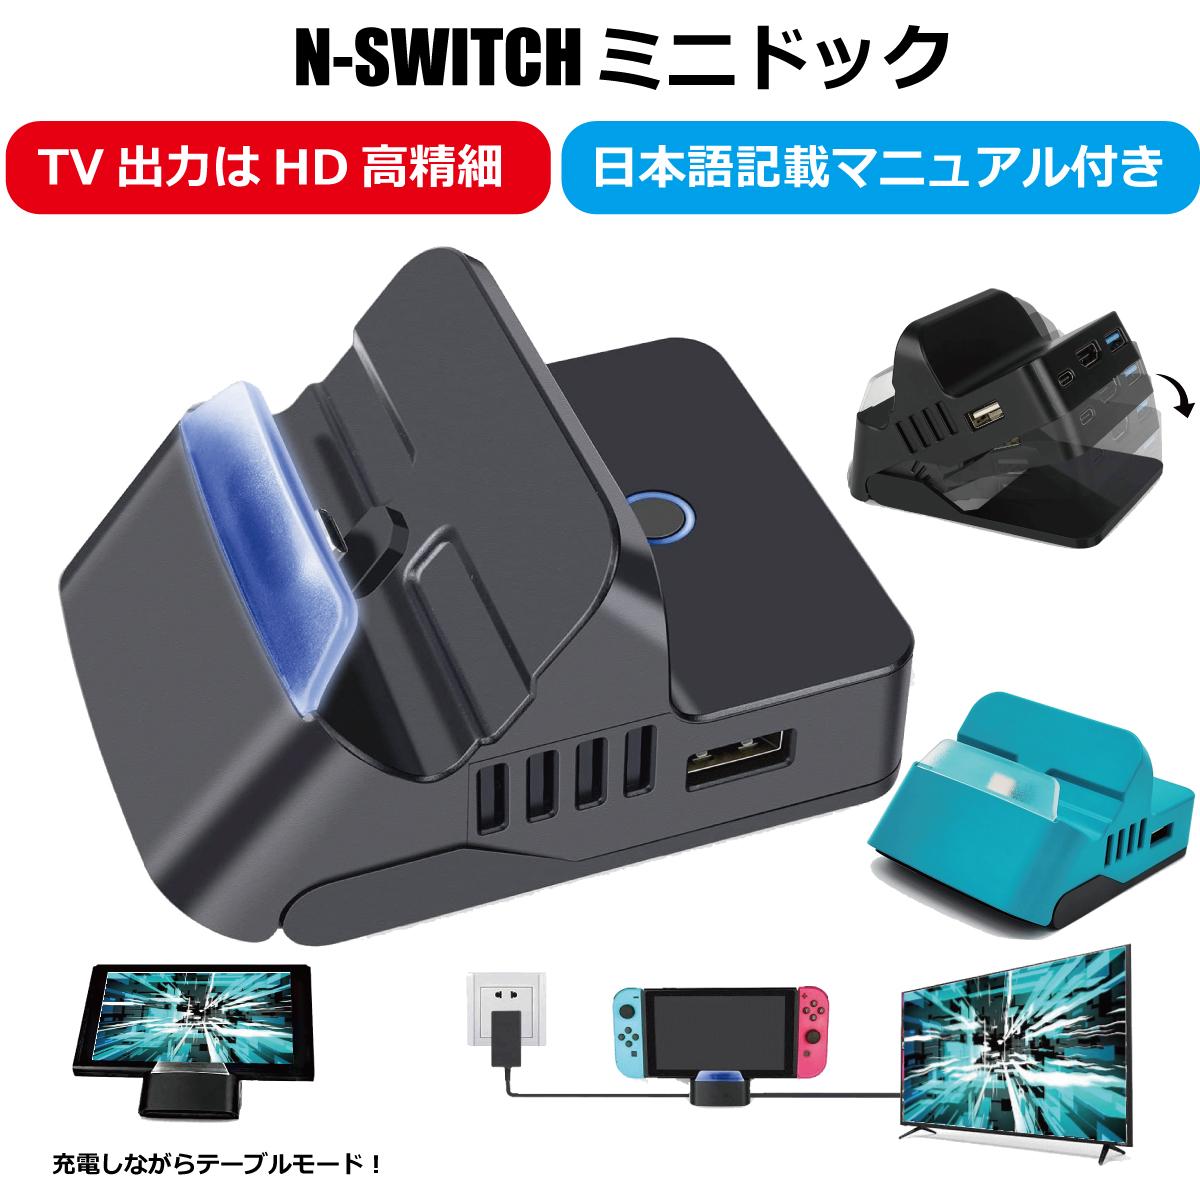 Nintendo Switch ミニドック 小型 待望 迅速な対応で商品をお届け致します ミニ スタンド 旅行 持ち運び おうち時間 子供 部屋 モニター 出力 移動 角度調整 代用 ランプ テレビ出力 アダプター 割引クーポン有 ニンテンドースイッチ 手のひら 任天堂スイッチ HDMI USB コンパクト ポータブル 放熱 充電 本体 NintendoSwitch 冷却 TV出力 代わり 任天堂 熱対策 任天堂Switch ドック LED テーブルモード 充電スタンド かわいい